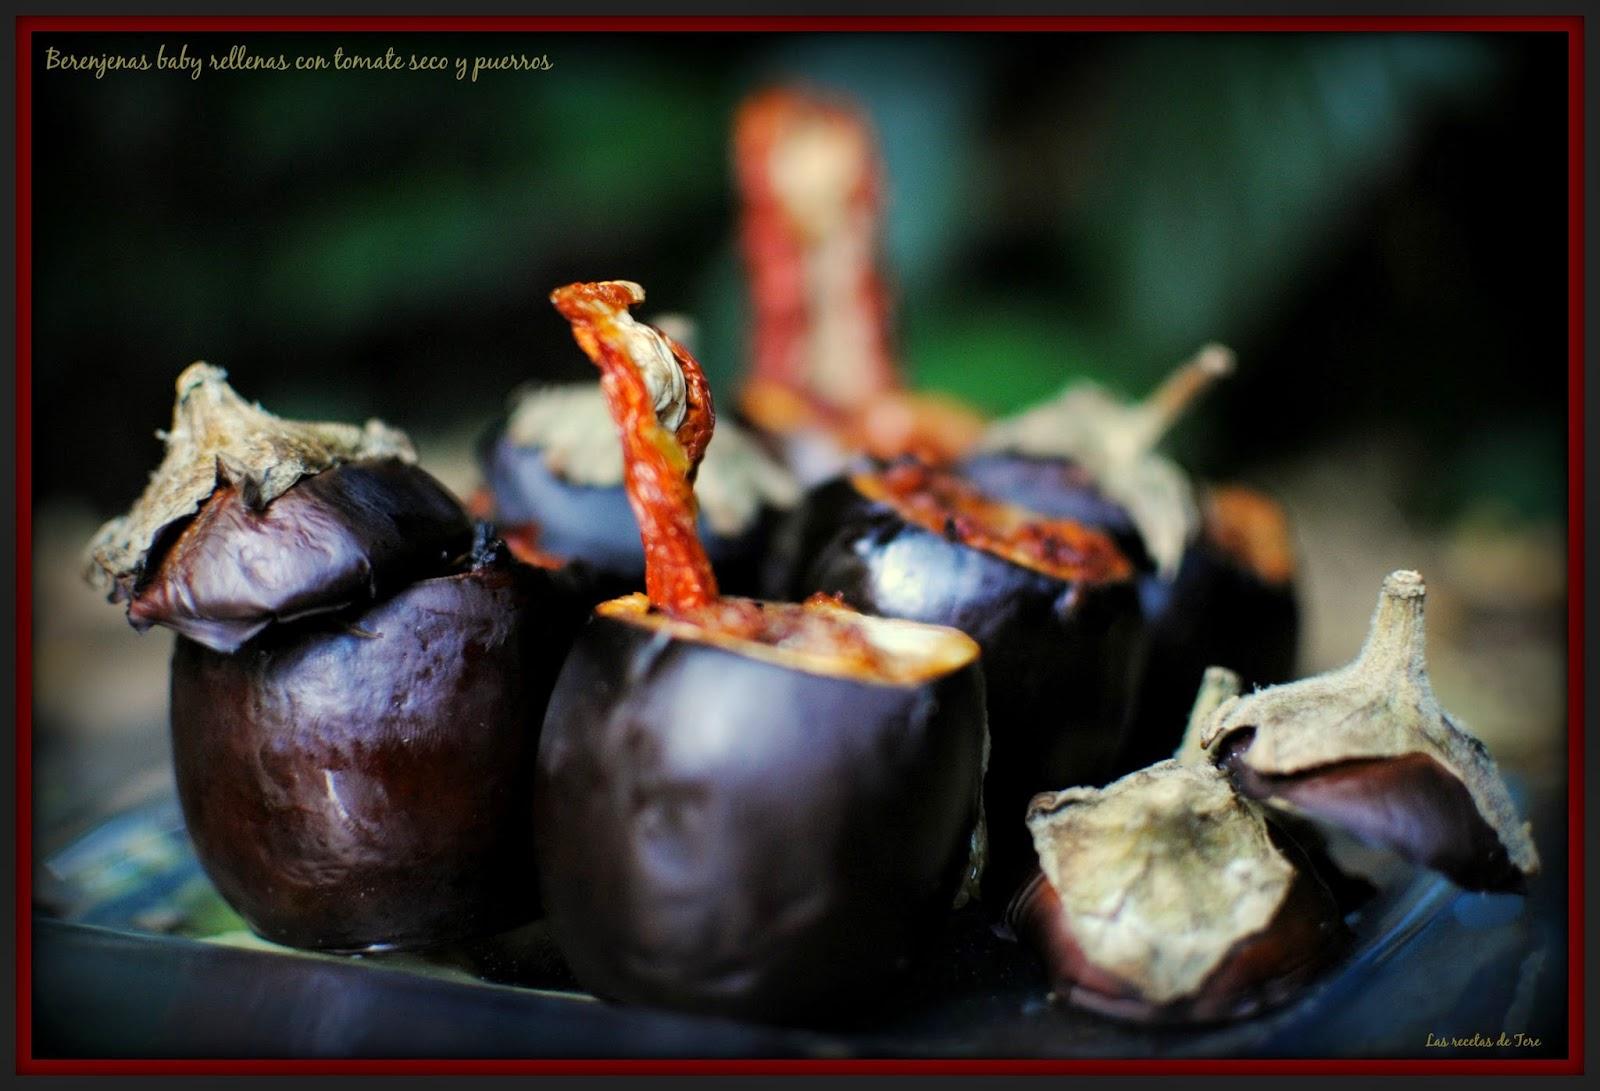 Berenjenas baby rellenas con tomate seco y puerros 06